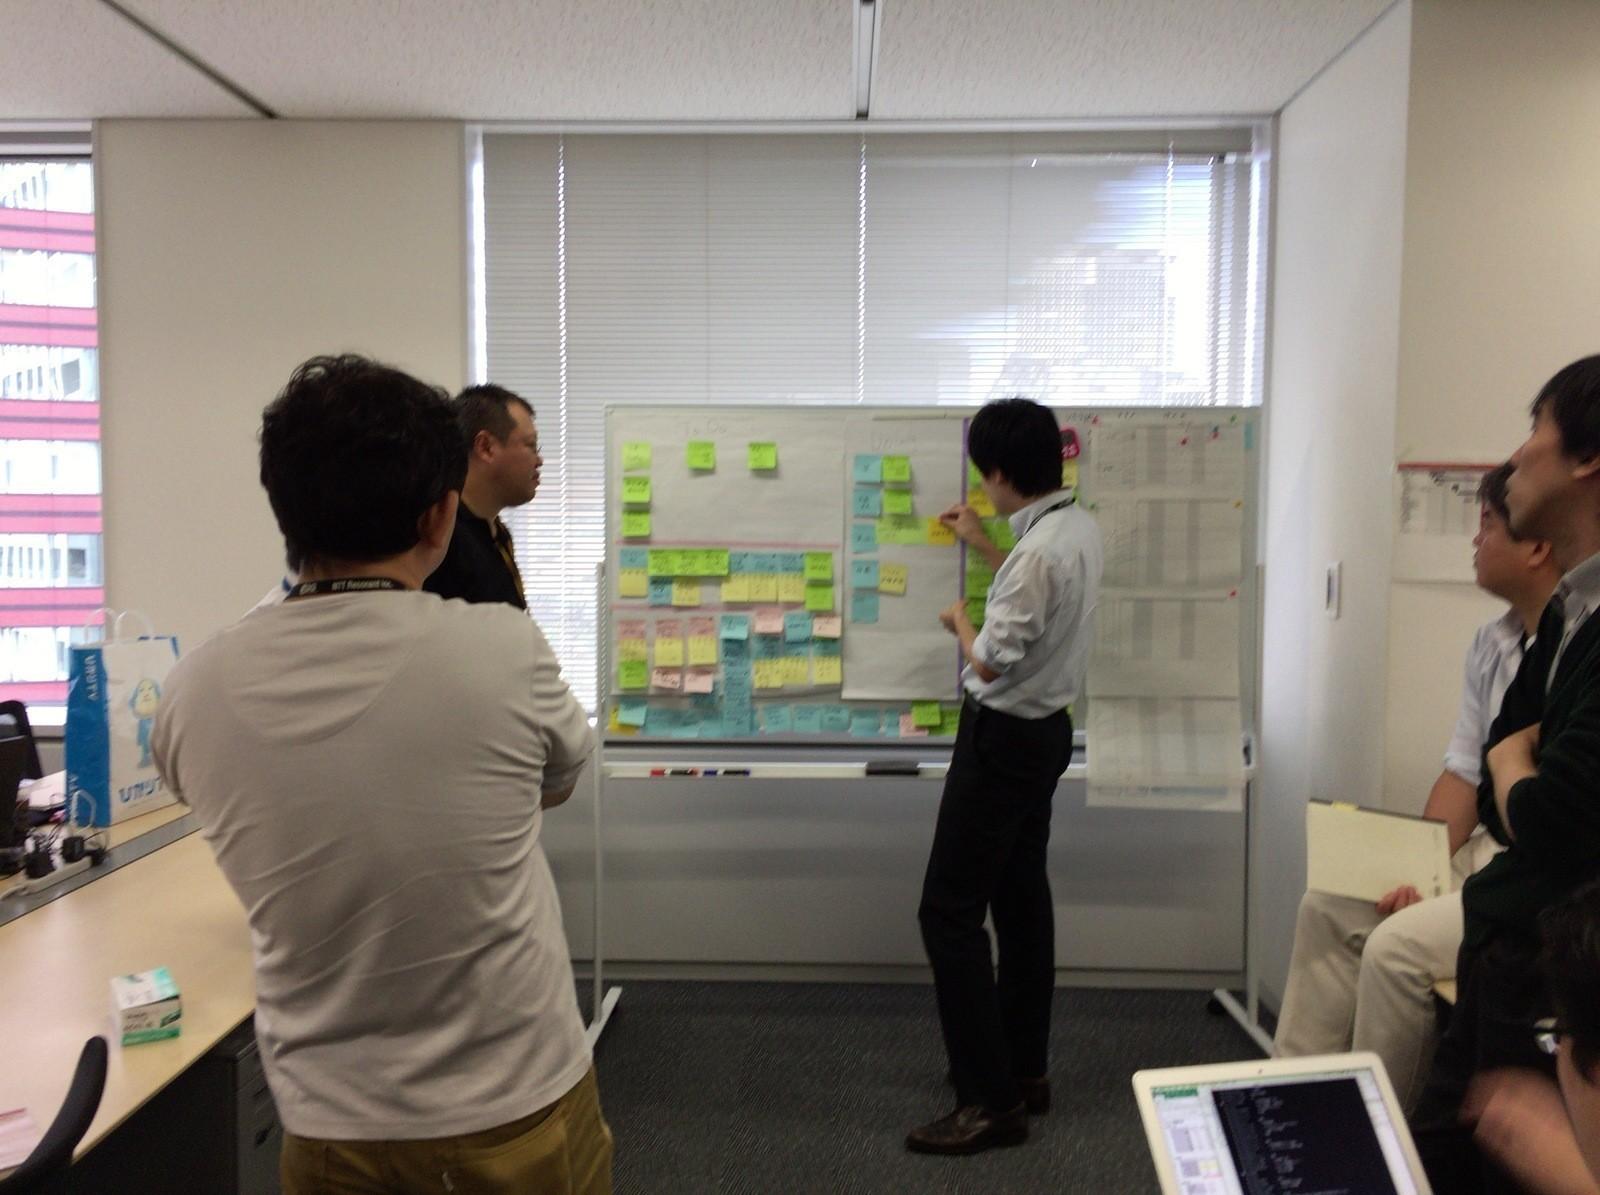 シェアトップクラス・NTTの有料クラウドストレージサービス「マイポケット」を担当するWebエンジニア募集!